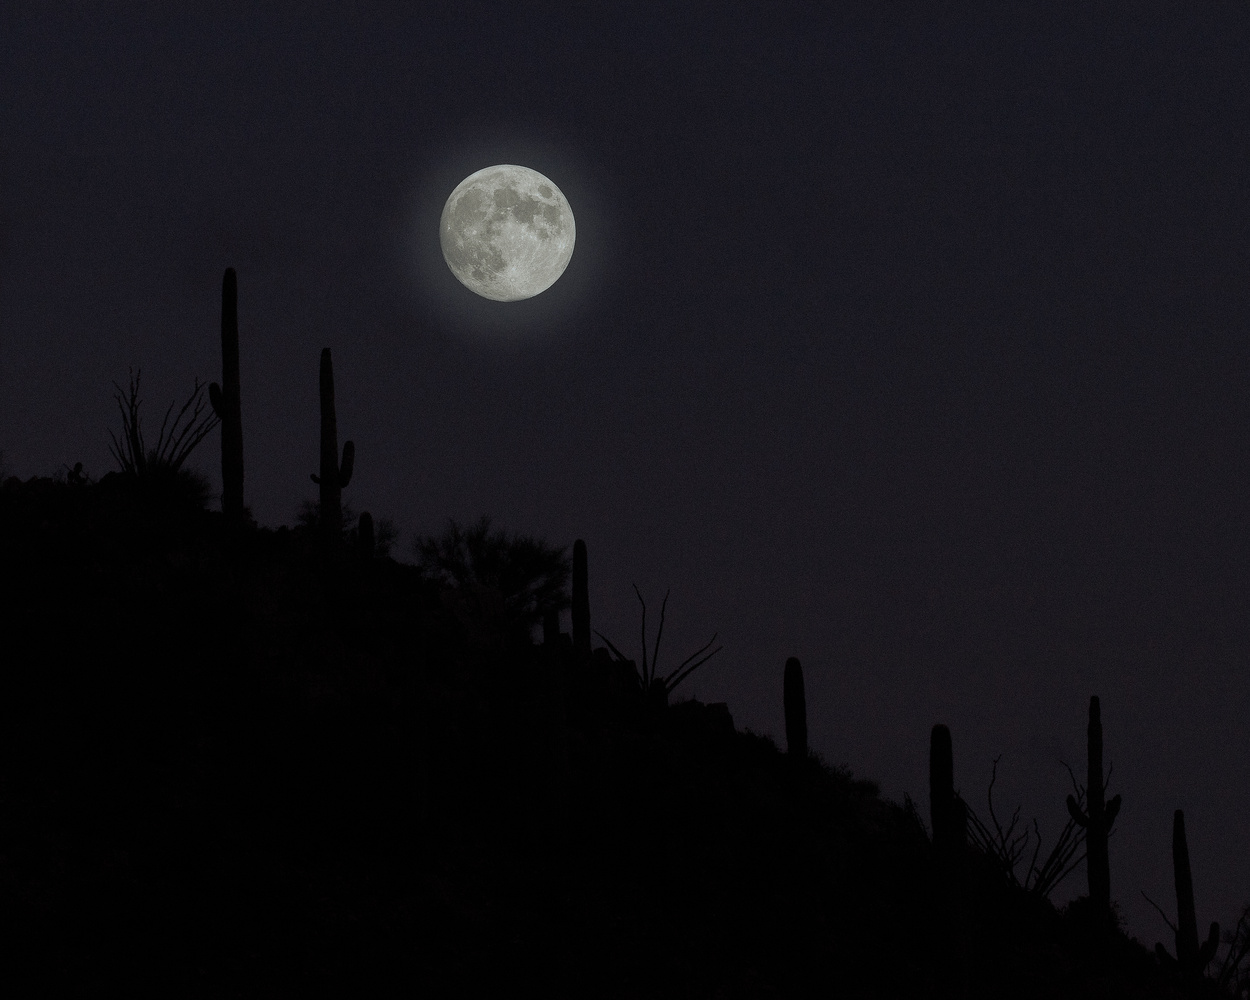 Full Moon Over Arizona Desert by Dave Zeldin